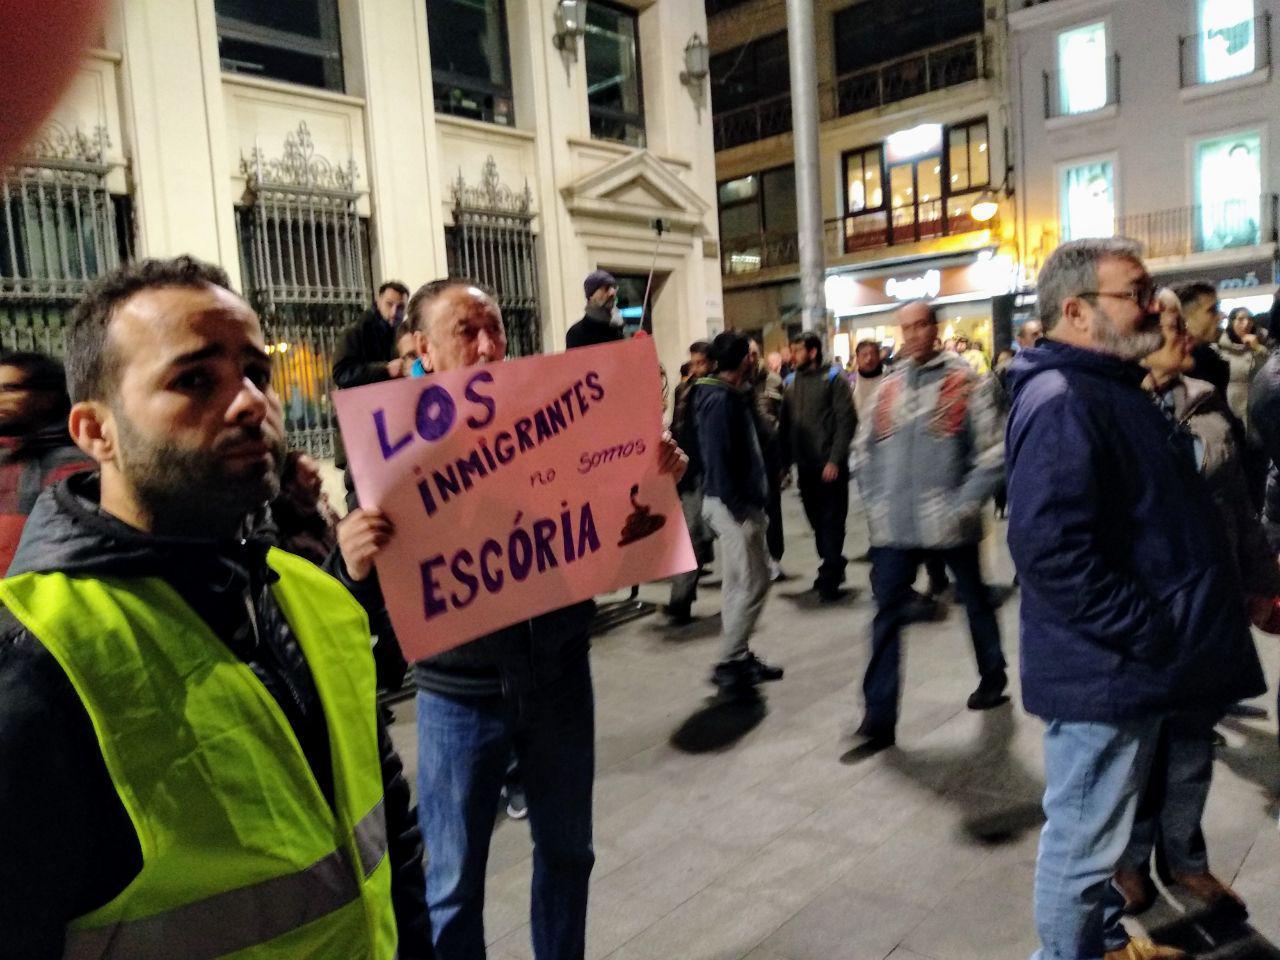 Manifestants de Sant Roc a la plaça de la Vila de Badalona foto: Tomeu Ferrer